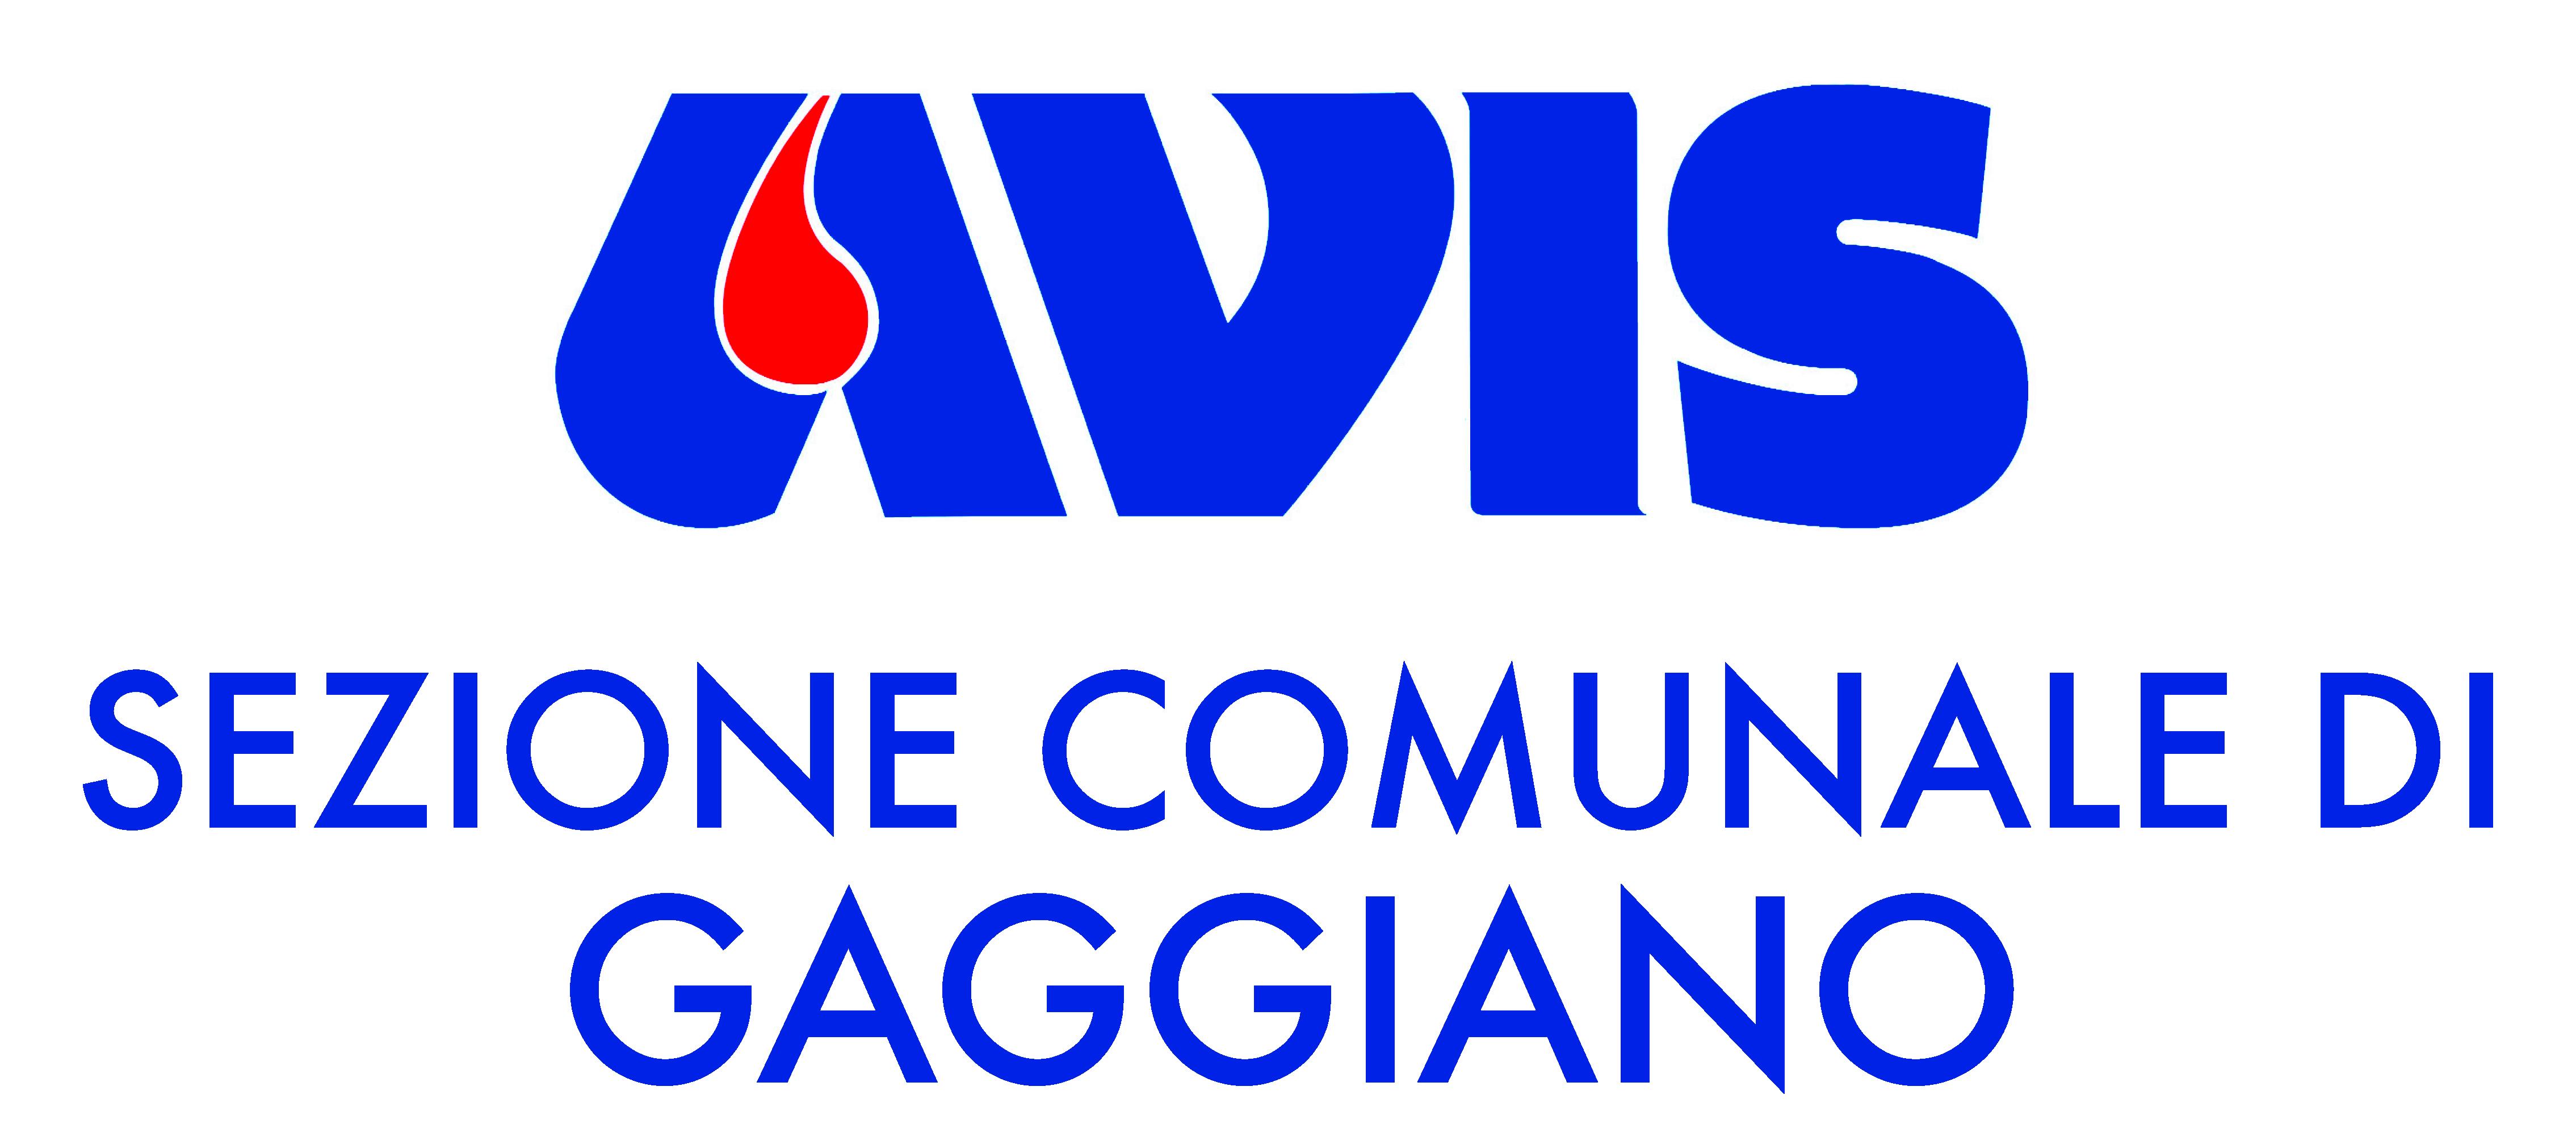 Avis Gaggiano, per la tua donazione di sangue e per la tua salute